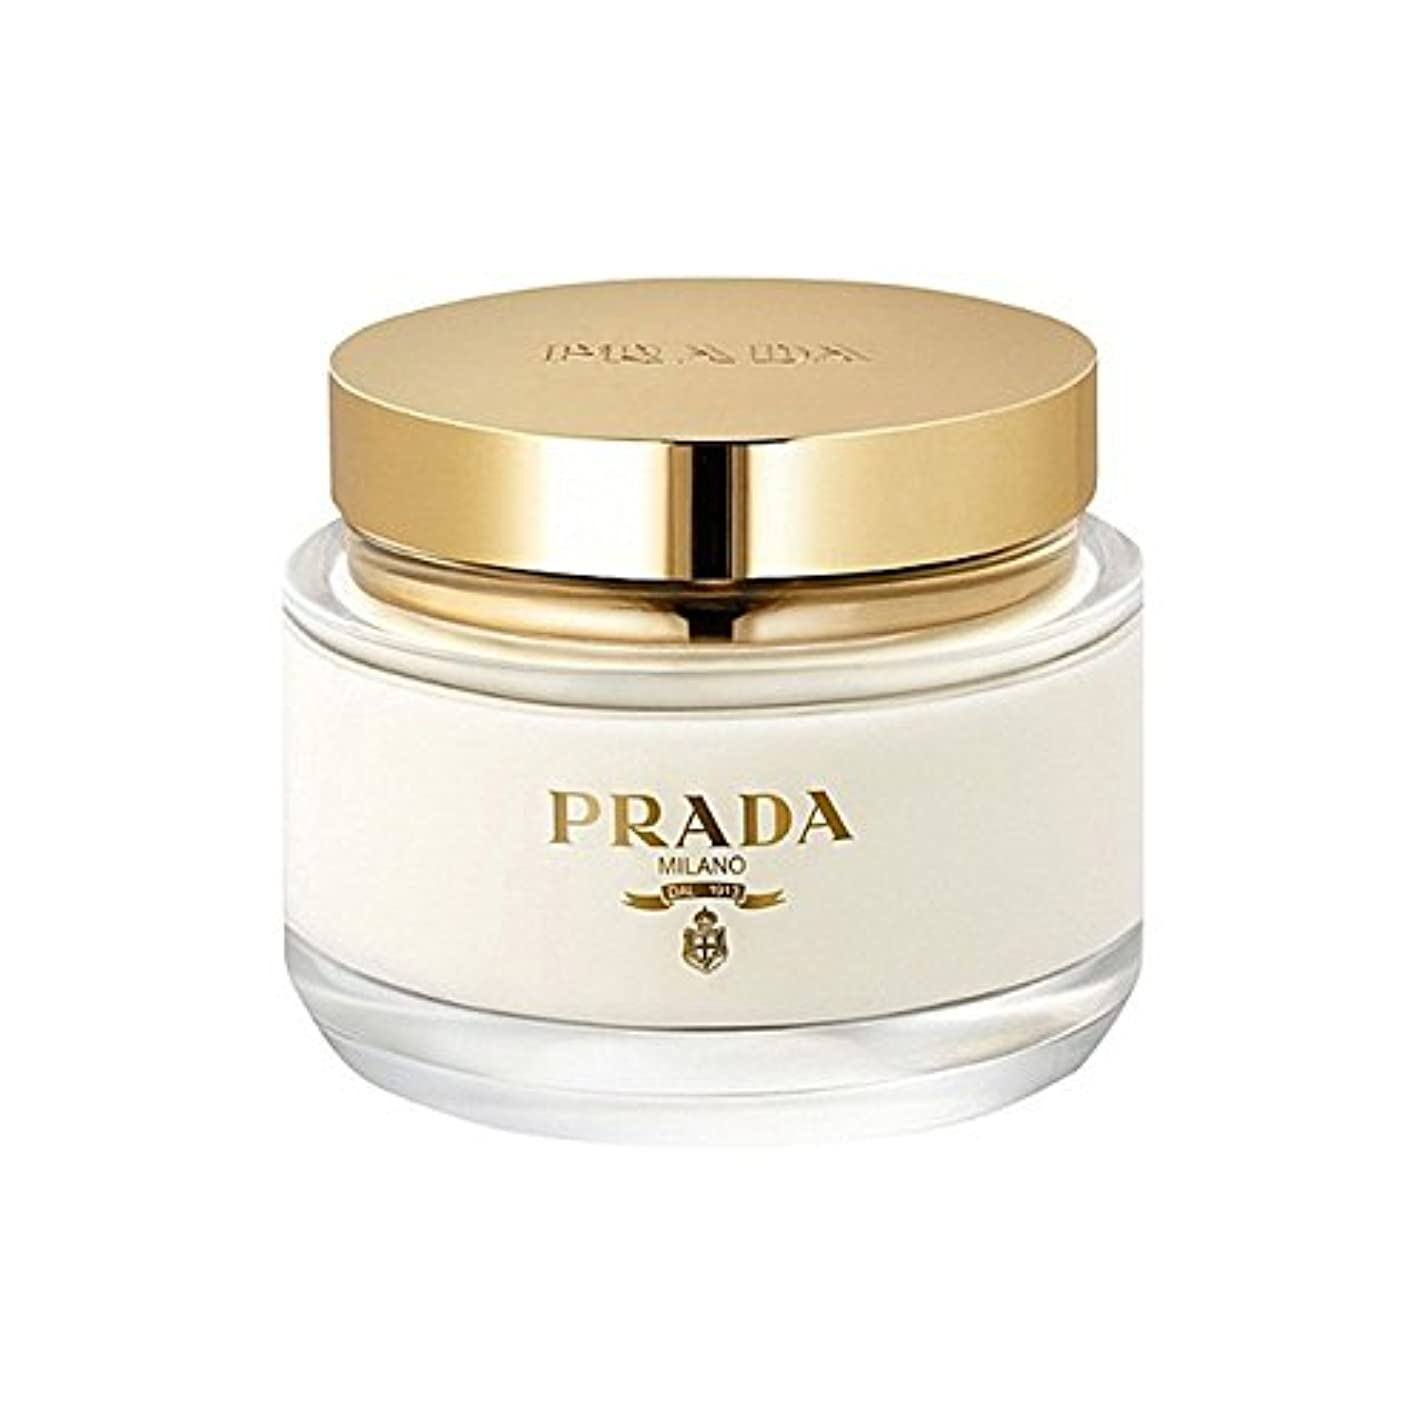 話をするサイズ追い払うプラダラファムボディローション200 x4 - Prada La Femme Body Lotion 200ml (Pack of 4) [並行輸入品]